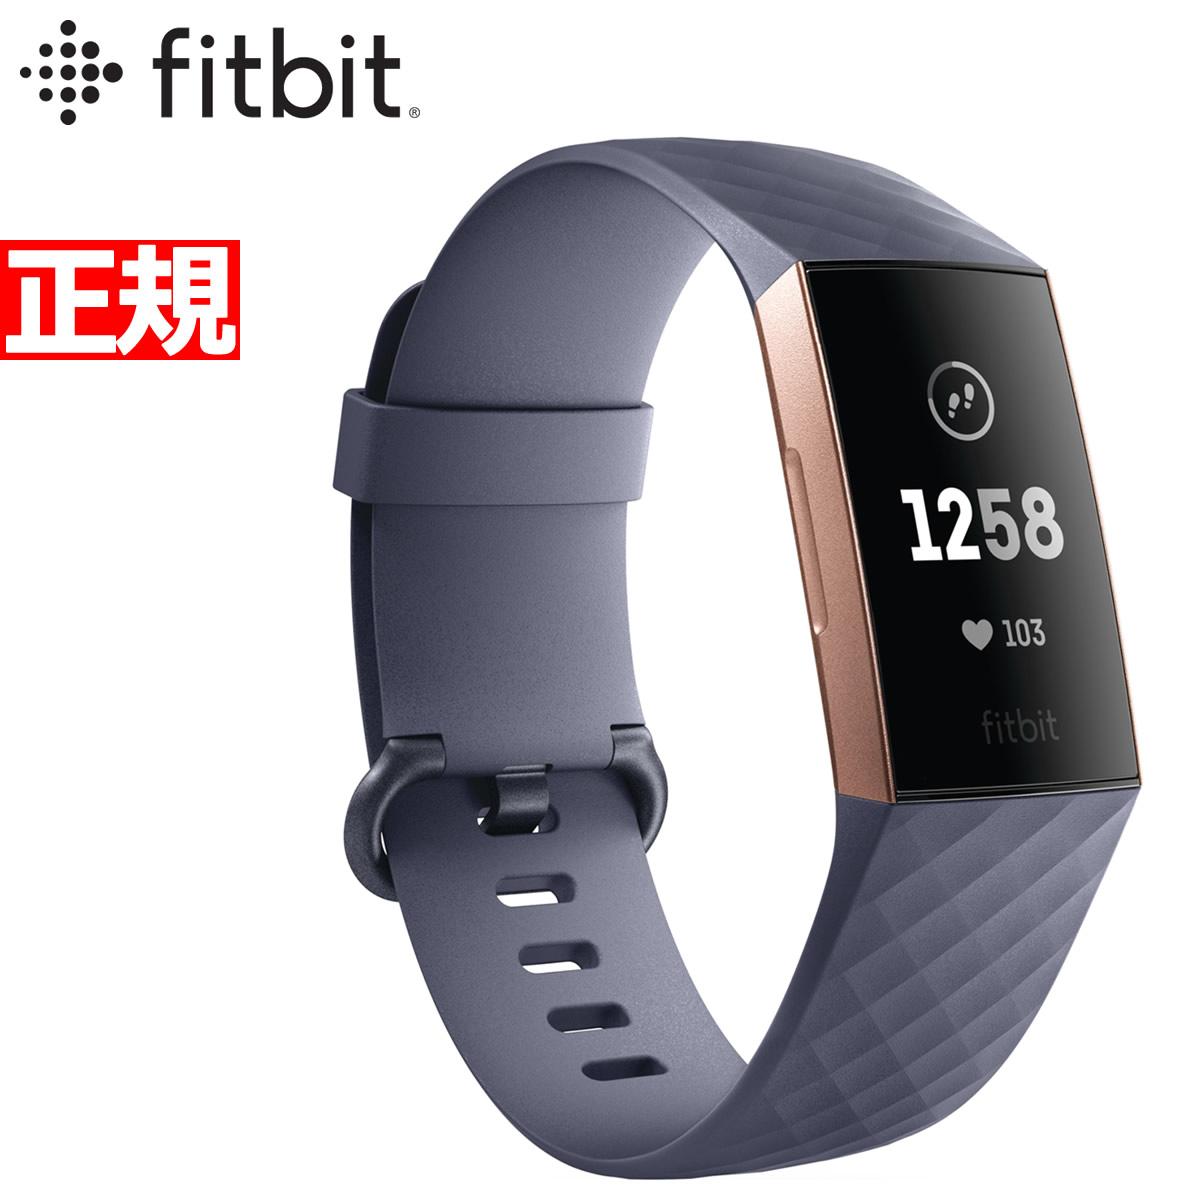 明日0時からはニールがお得♪ 最大2000円OFFクーポン付! 26日9時59分まで!Fitbit FB410RGGY-CJK フィットビット Charge3 Gold フィットネス チャージ3 フィットネス トラッカー ウェアラブル端末 腕時計 メンズ レディース Blue Grey/Rose Gold FB410RGGY-CJK, ウタシナイシ:a1850afe --- sunward.msk.ru